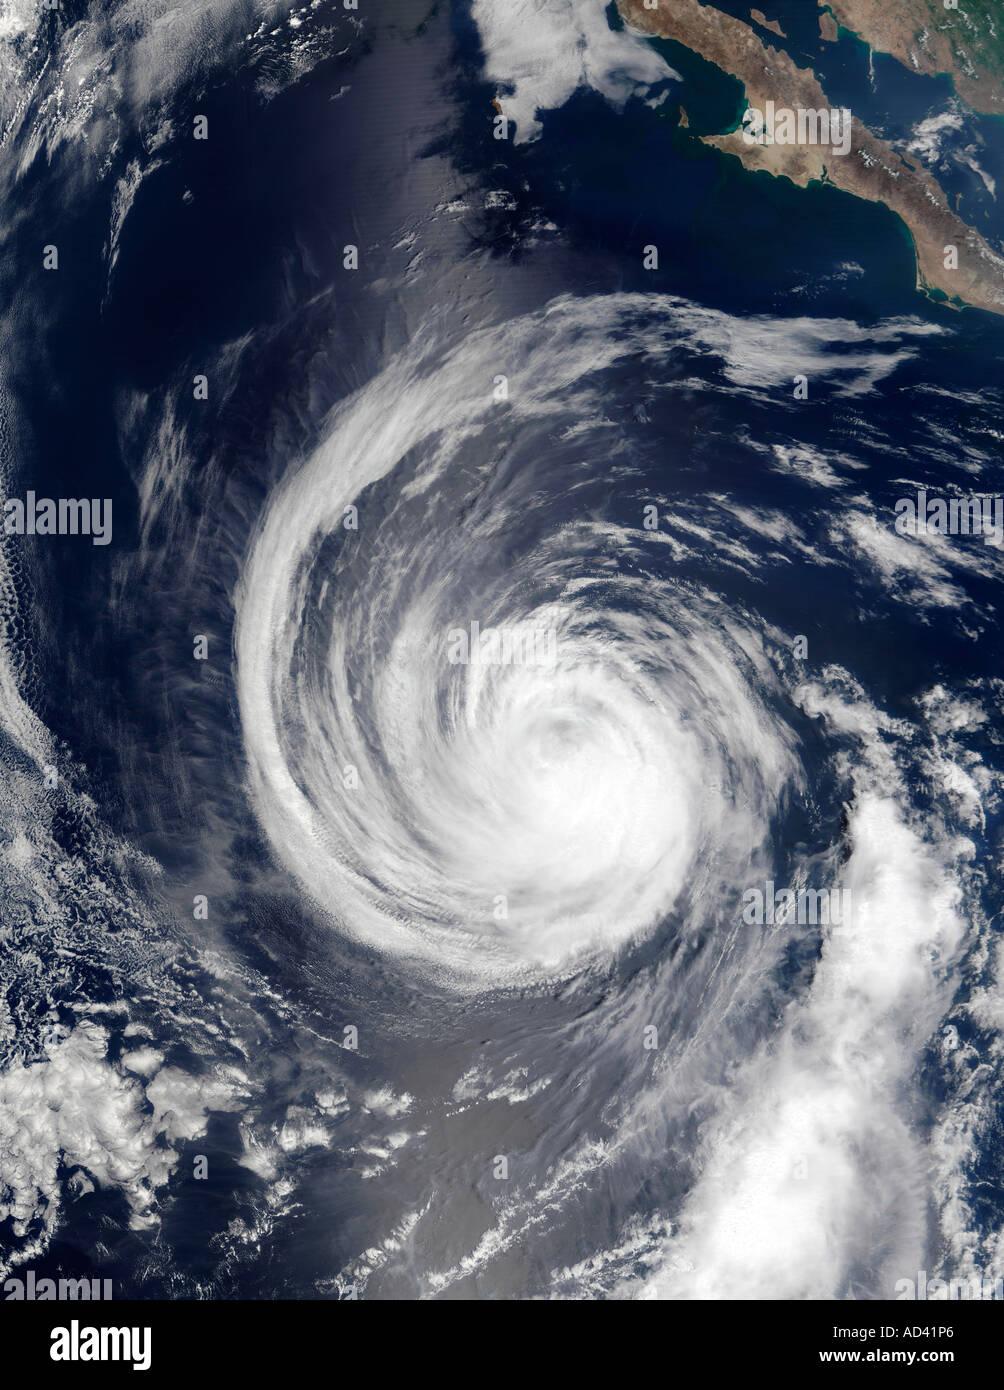 Hurrikan Hernan, Satellitenbild Stockbild